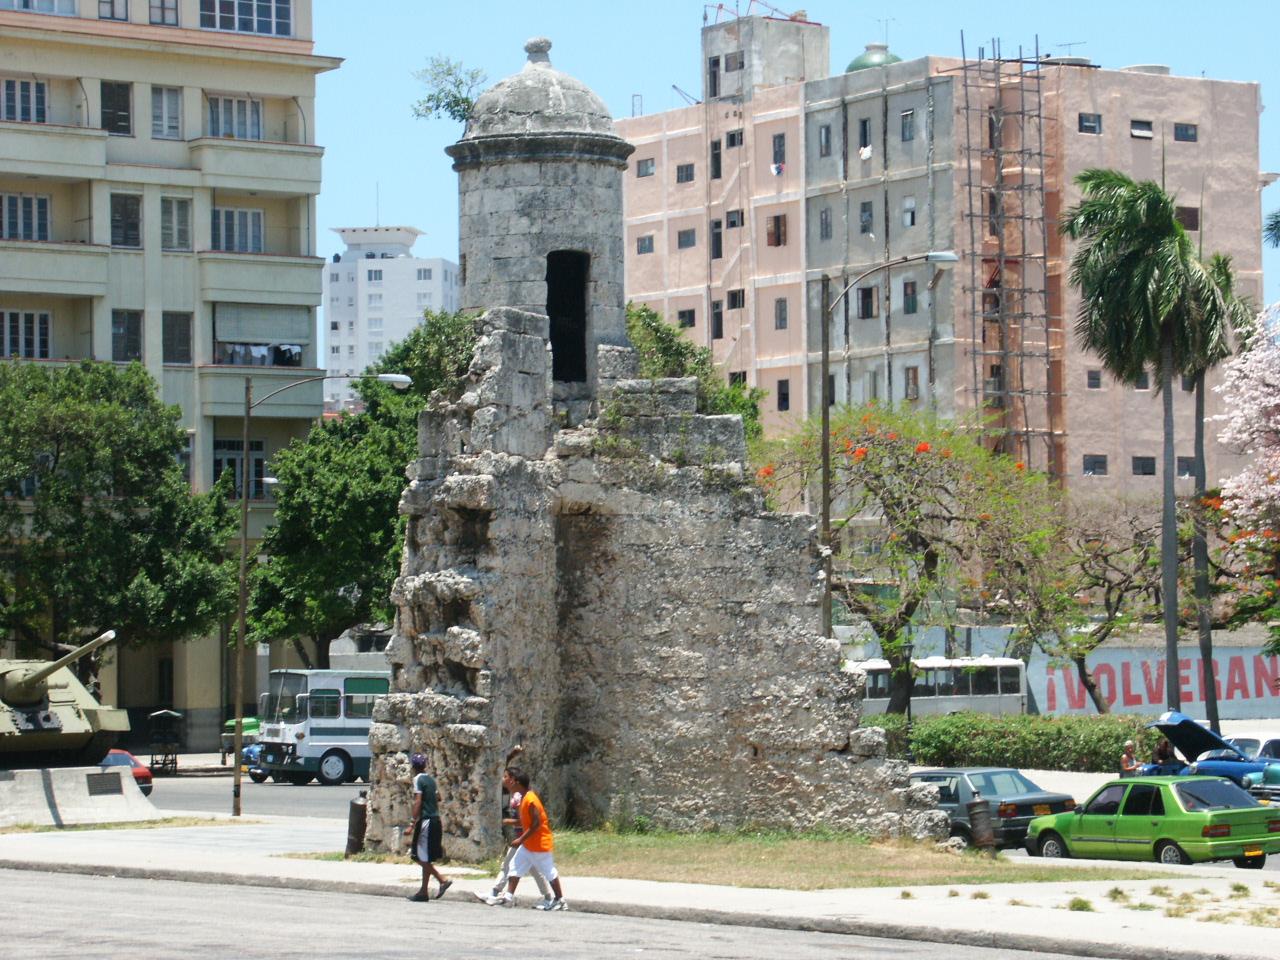 CUBA EN FOTOS - Página 4 410297551_a1f79b7ab3_o